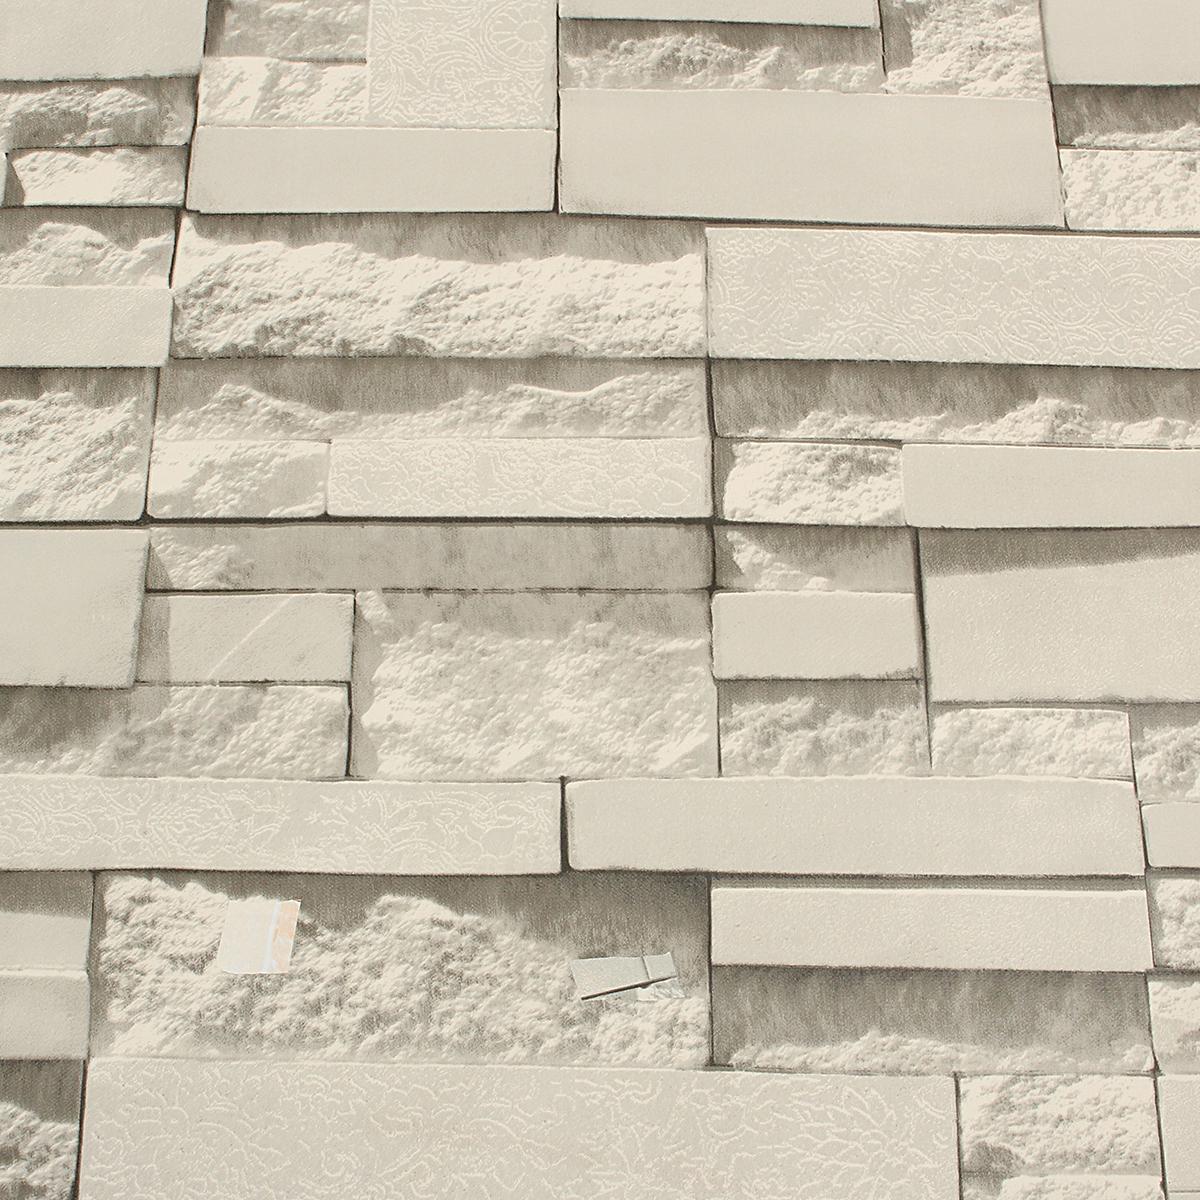 45cm 10m 3d wallpaper brick pattern end 3 16 2018 9 15 am - Papier peint imitation brique relief ...